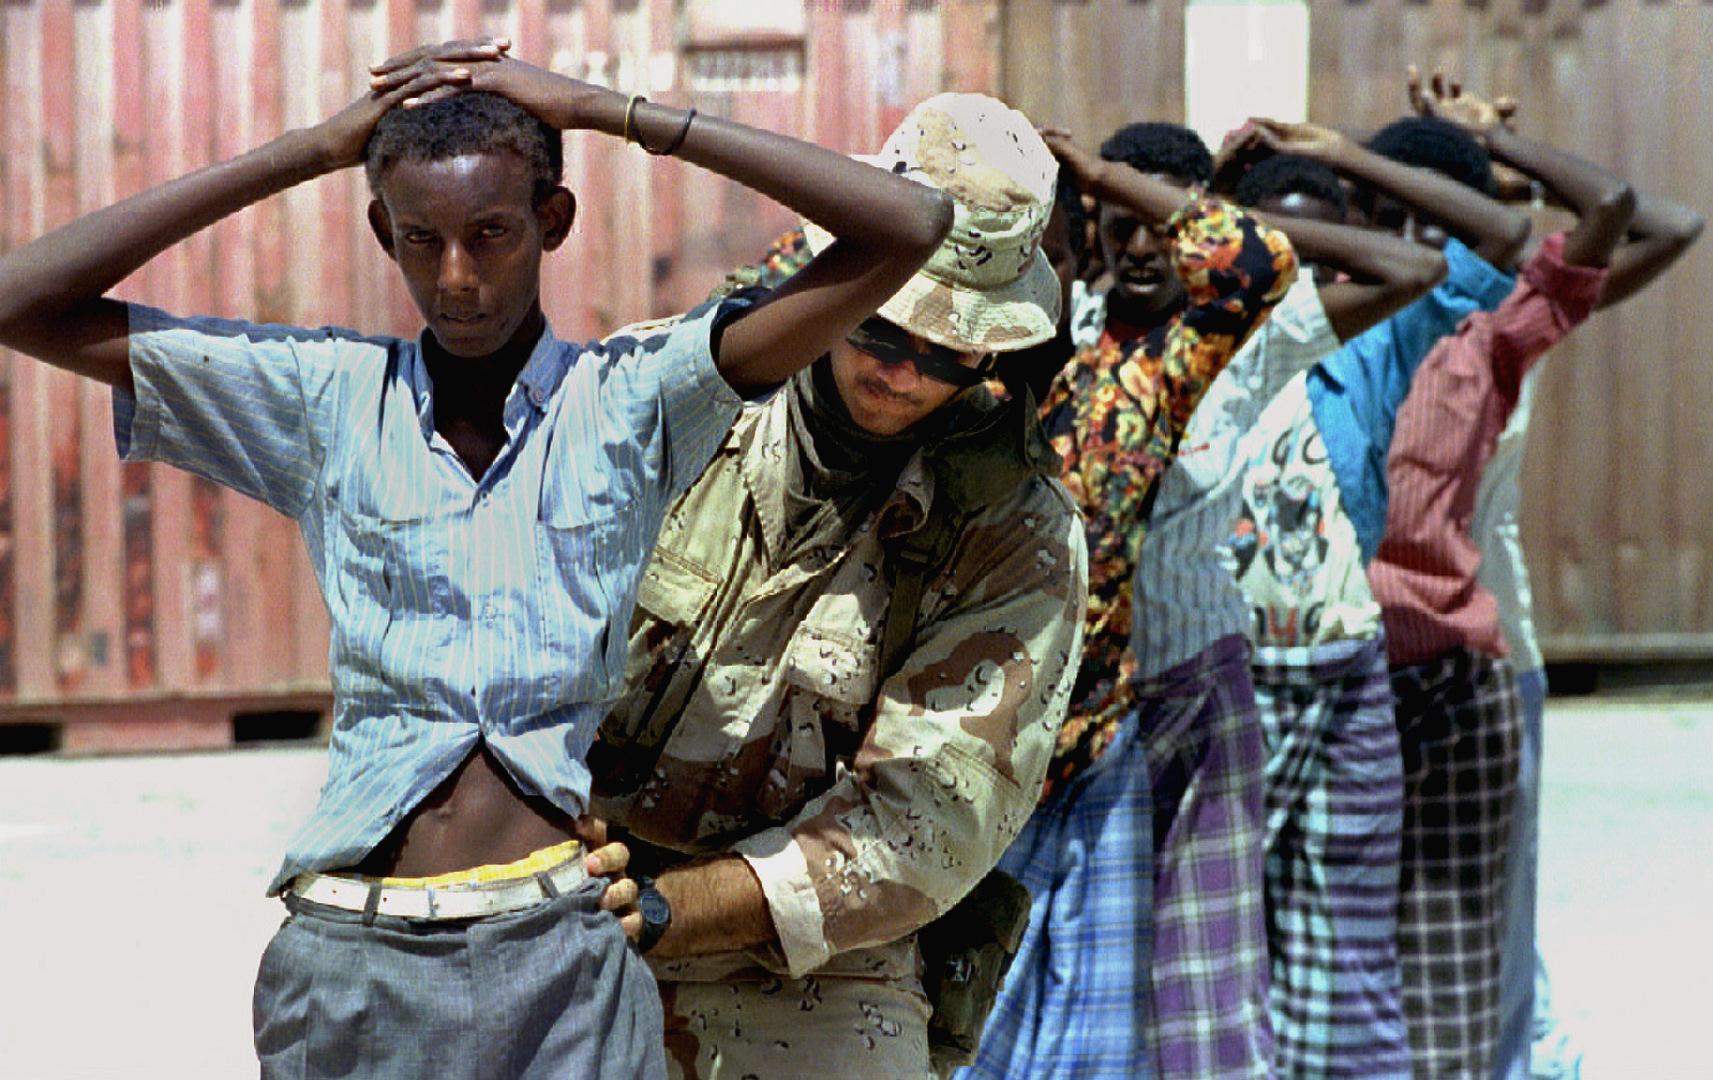 جندي أمريك يفتش صوماليين وسط العاصمة الصومالية مقديشو سنة 1992.